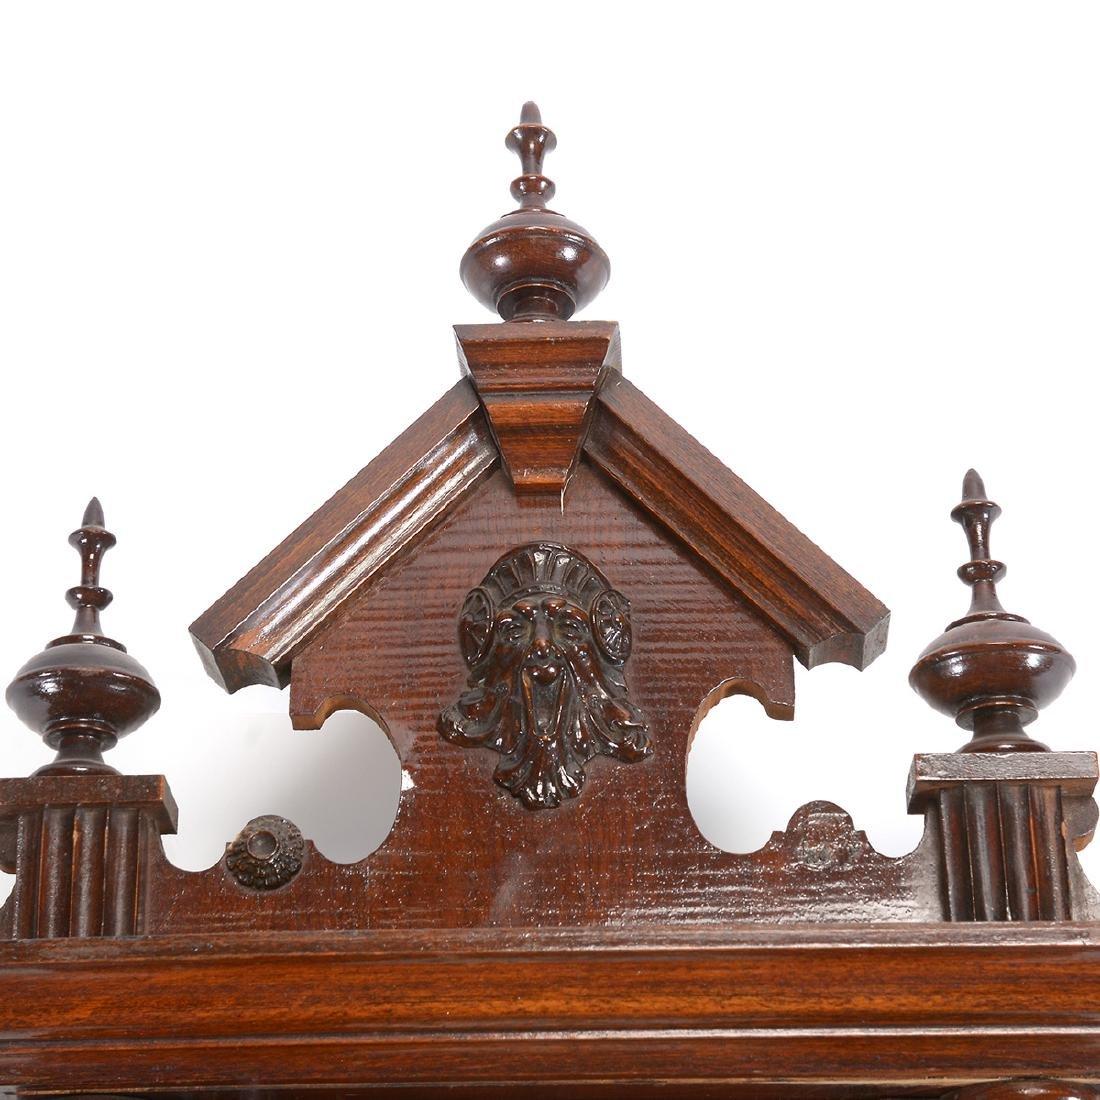 Renaissance Revival Walnut Cased Regulator Clock - 3